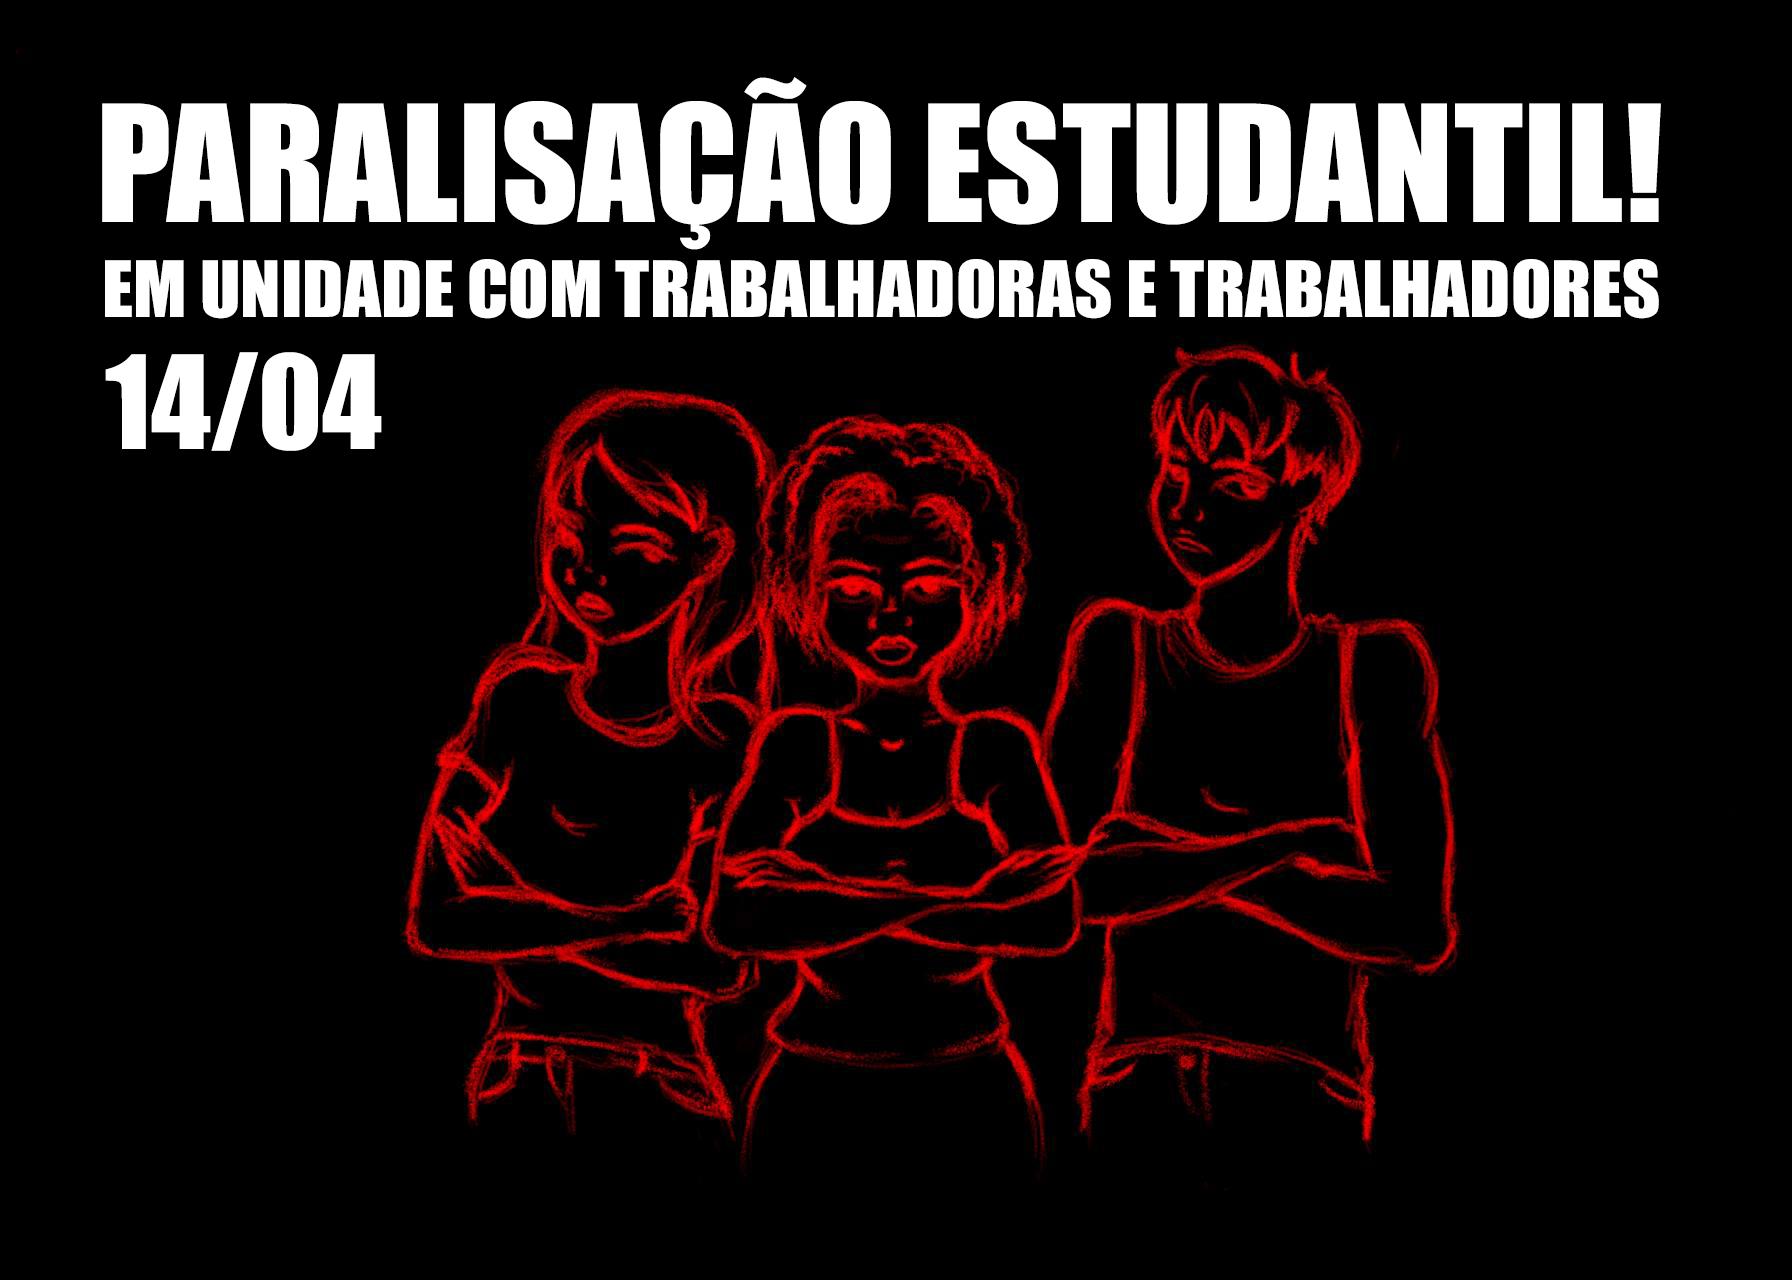 paralisacao14-04bracoscruzados